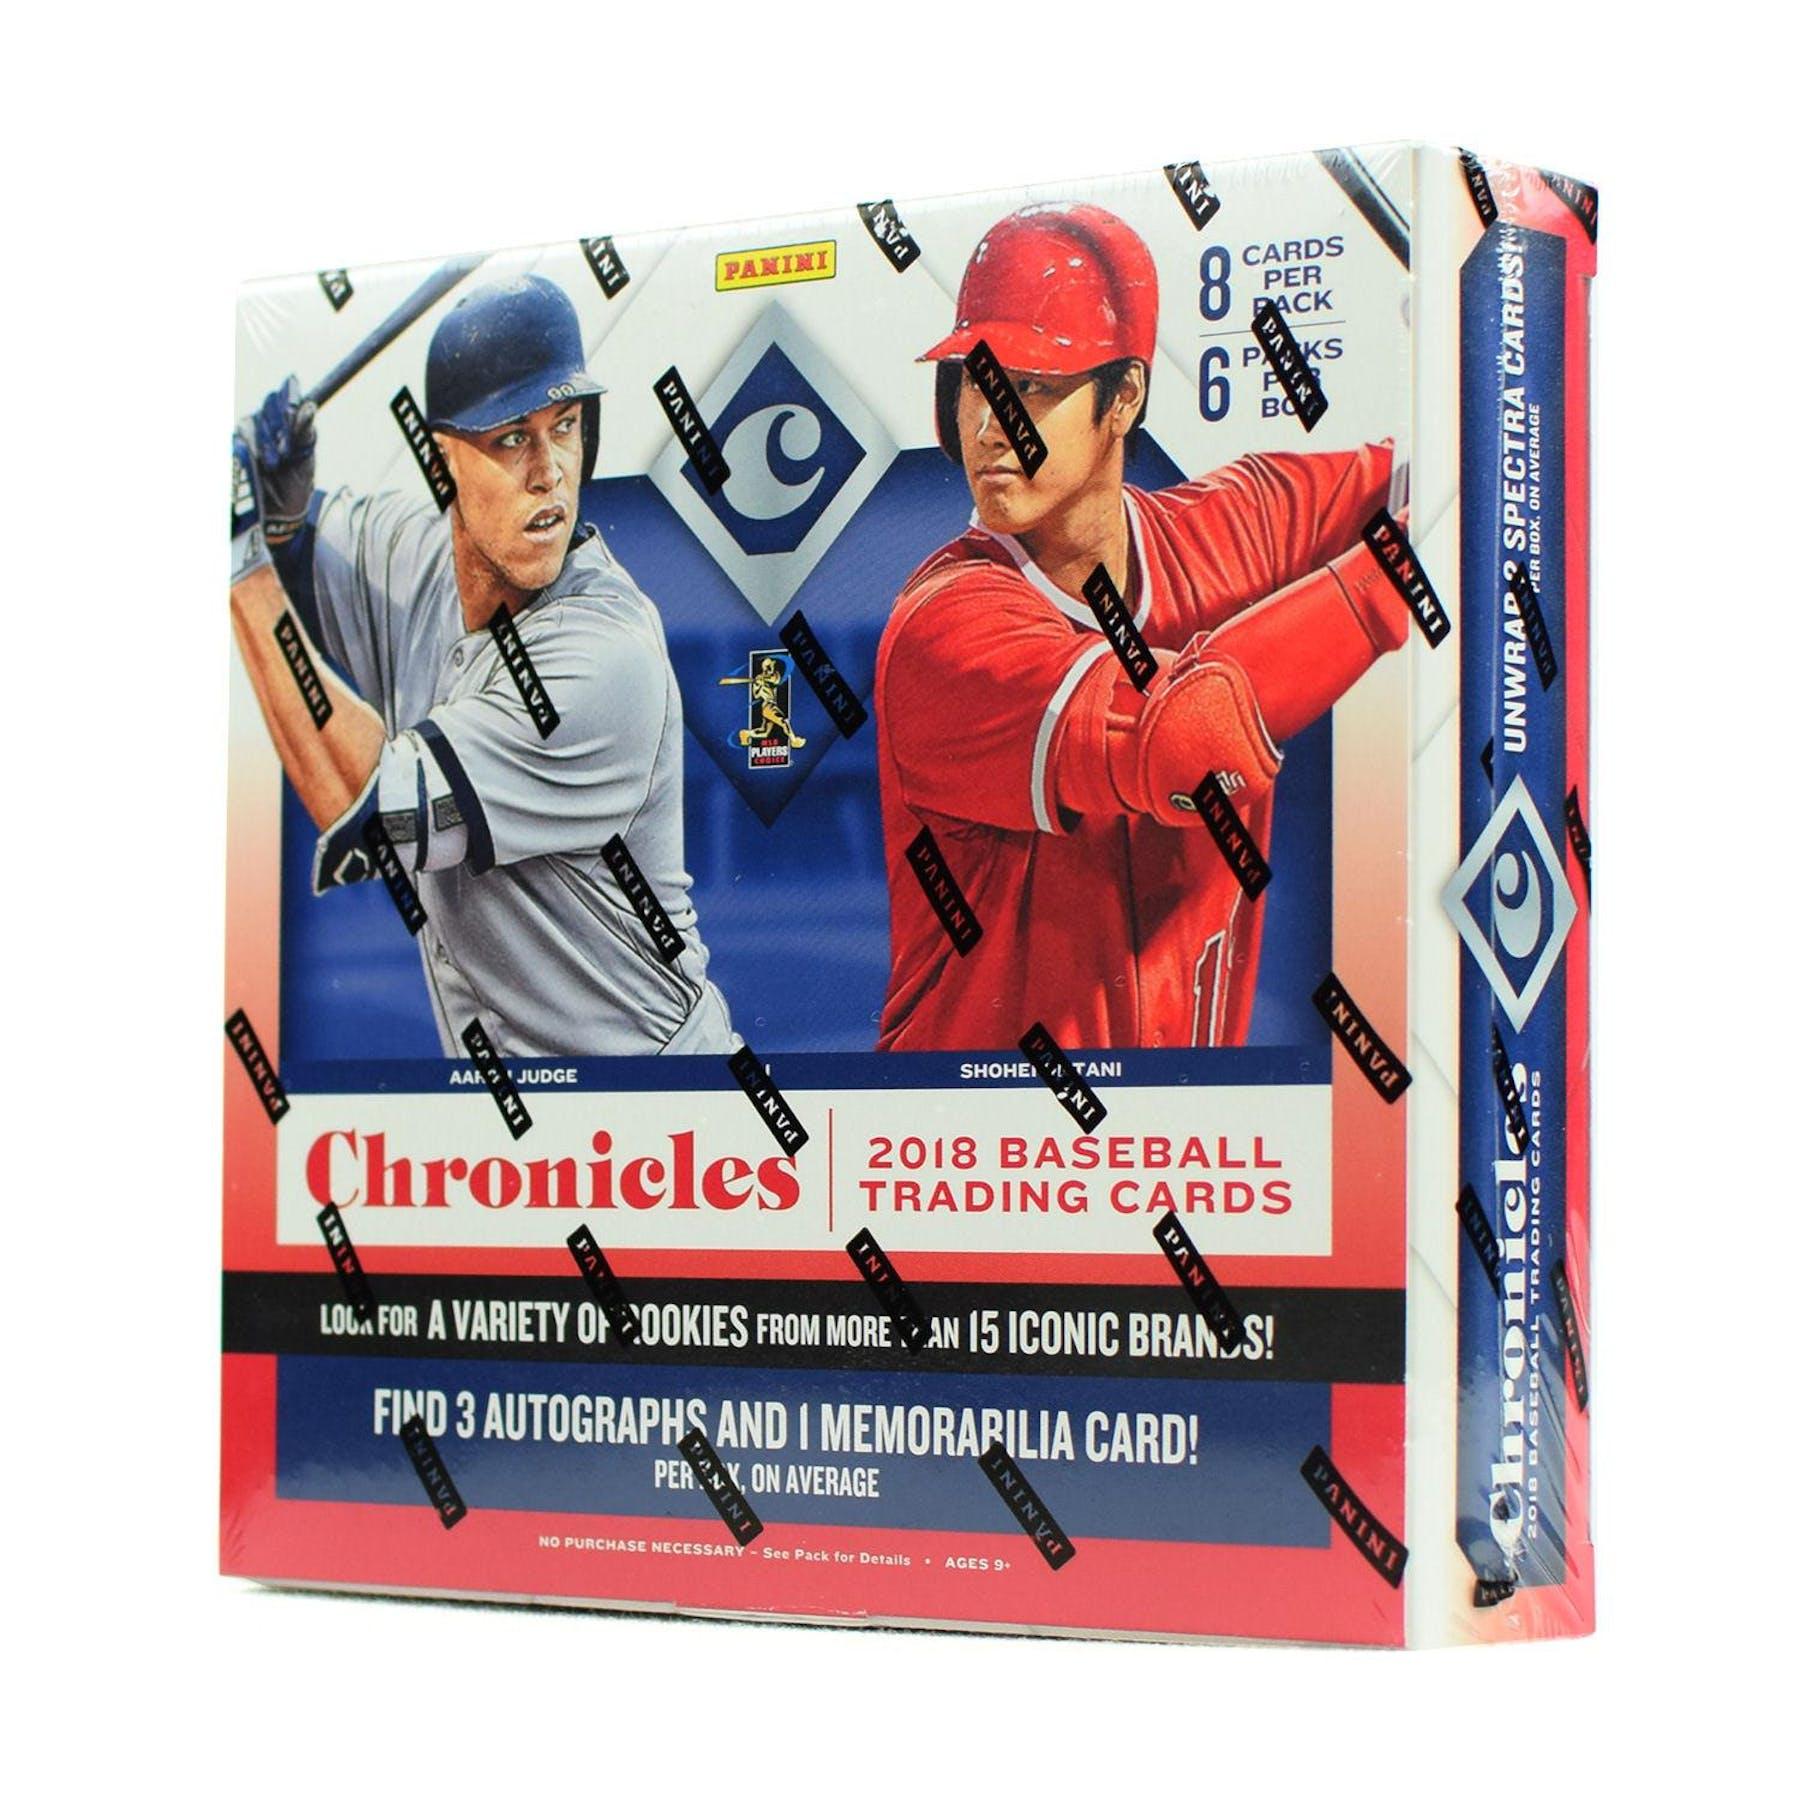 2018 Panini Chronicles Baseball Hobby Box Da Card World